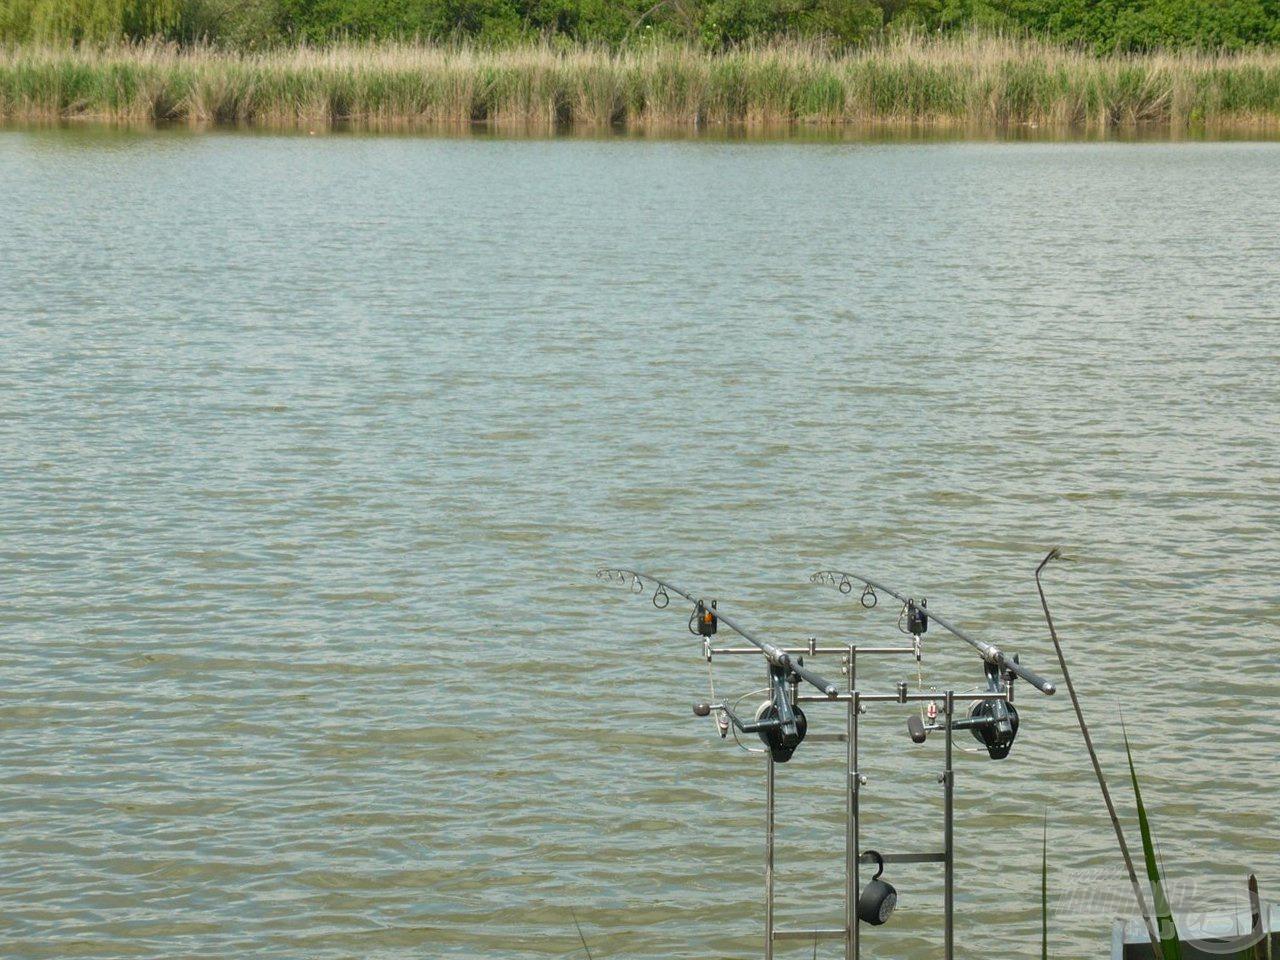 A mi kis horgászhelyünk